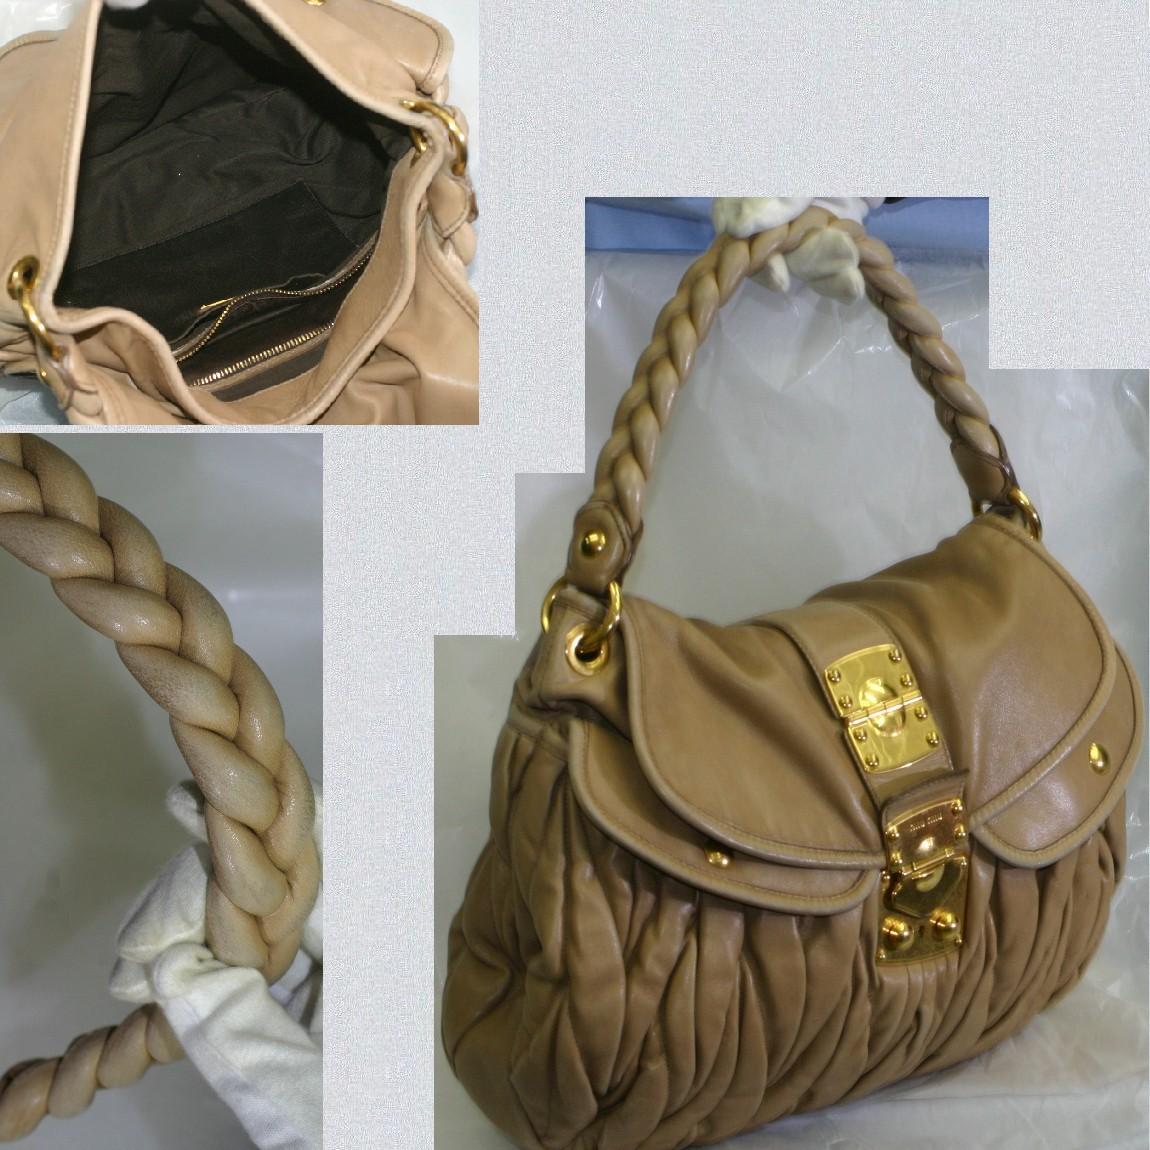 【中古】本物可ミュウミュウベージュ色革素材ゴージャスなセミショルダーバッグ サイズW35H29D6cm